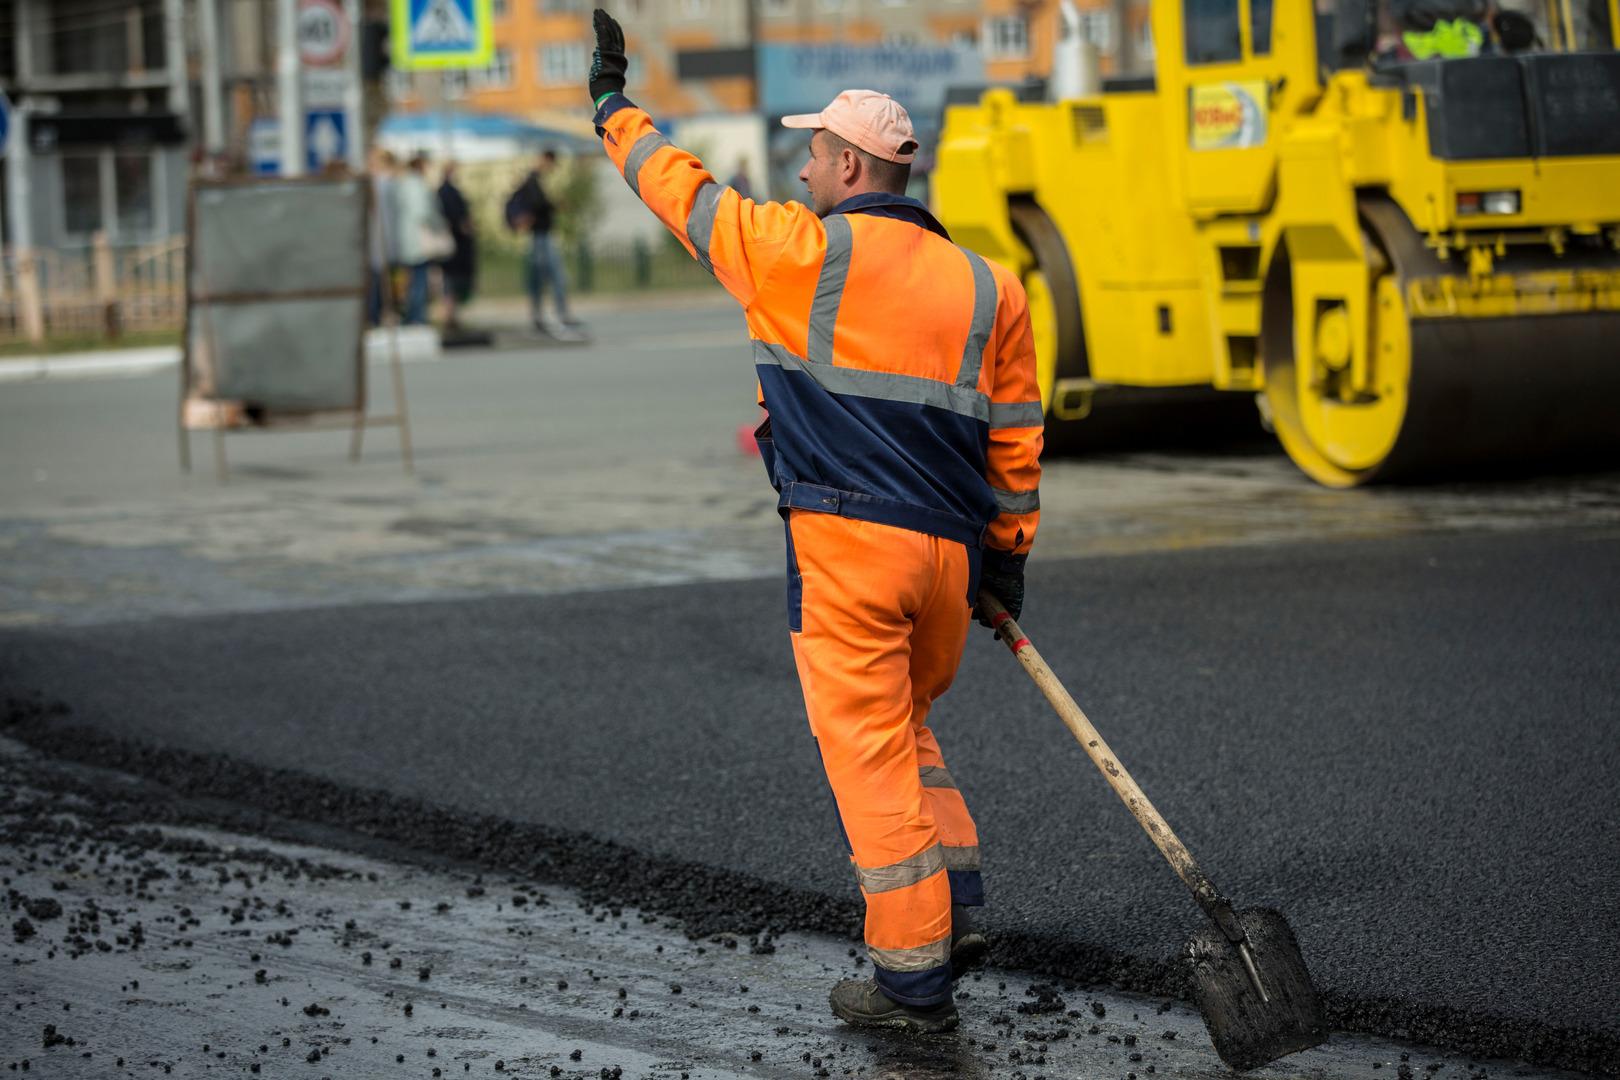 В Йошкар-Оле в 2022 году отремонтируют улицу Чехова